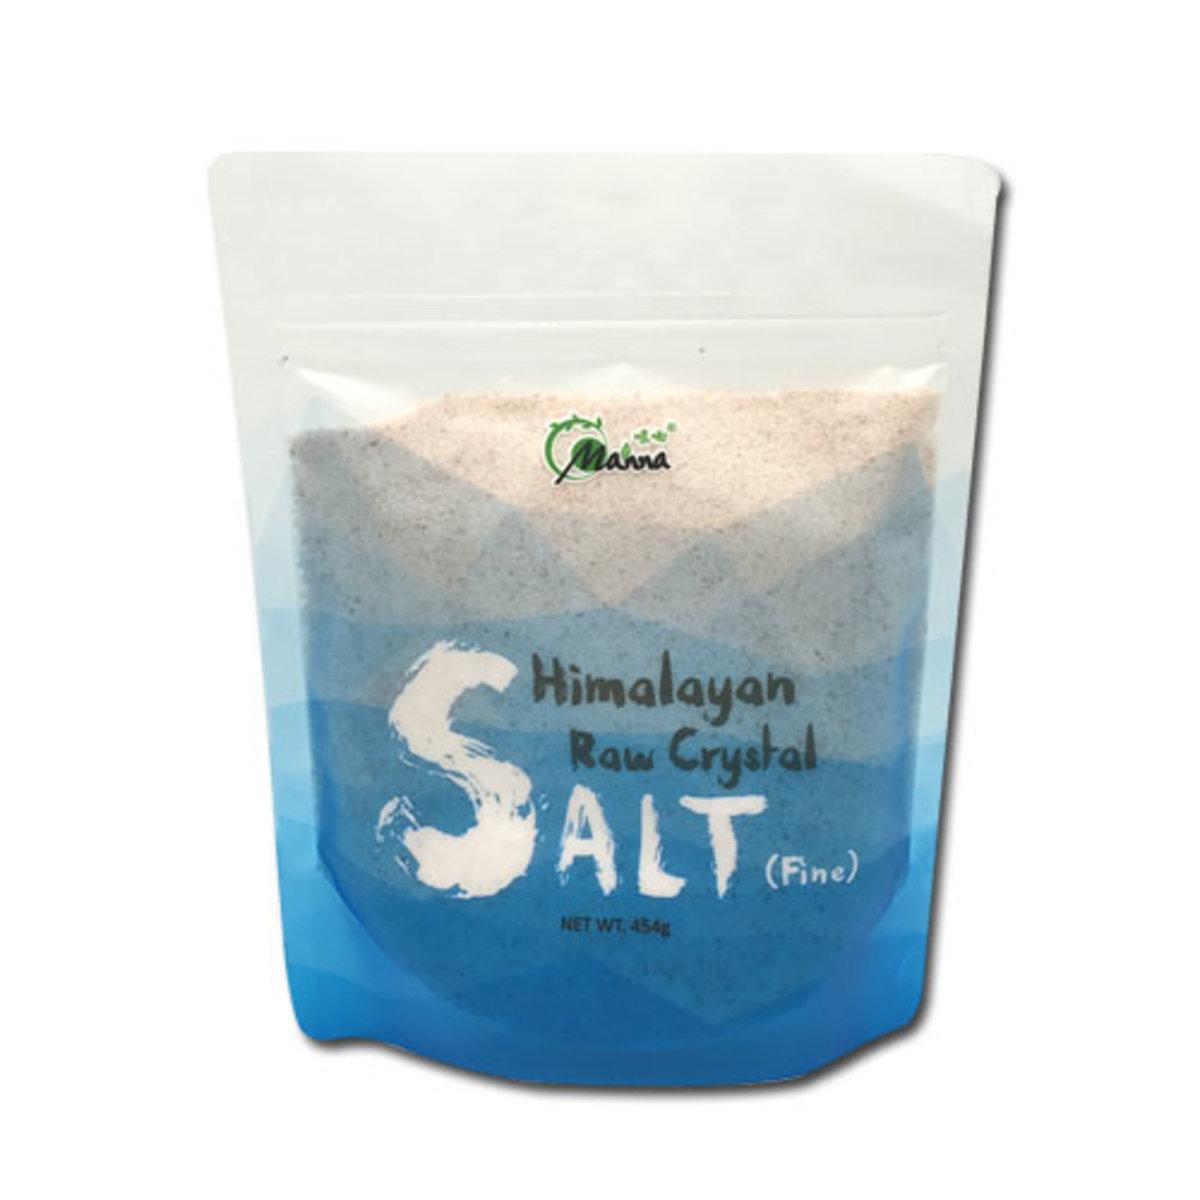 喜瑪拉亞山岩鹽(幼粒) 454g